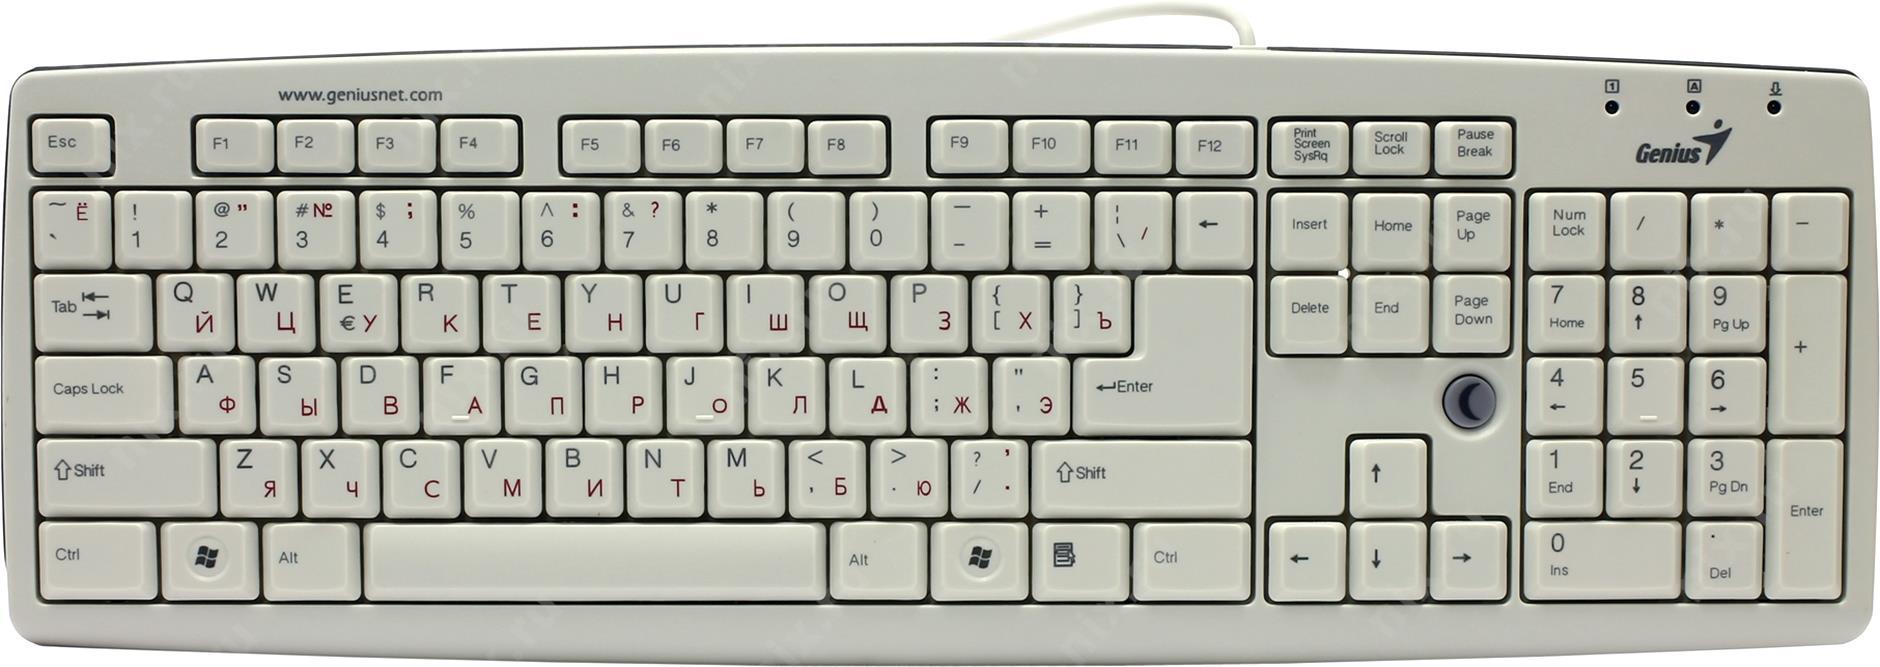 Как на клавиатуре переключить язык. Как поменять язык на 36